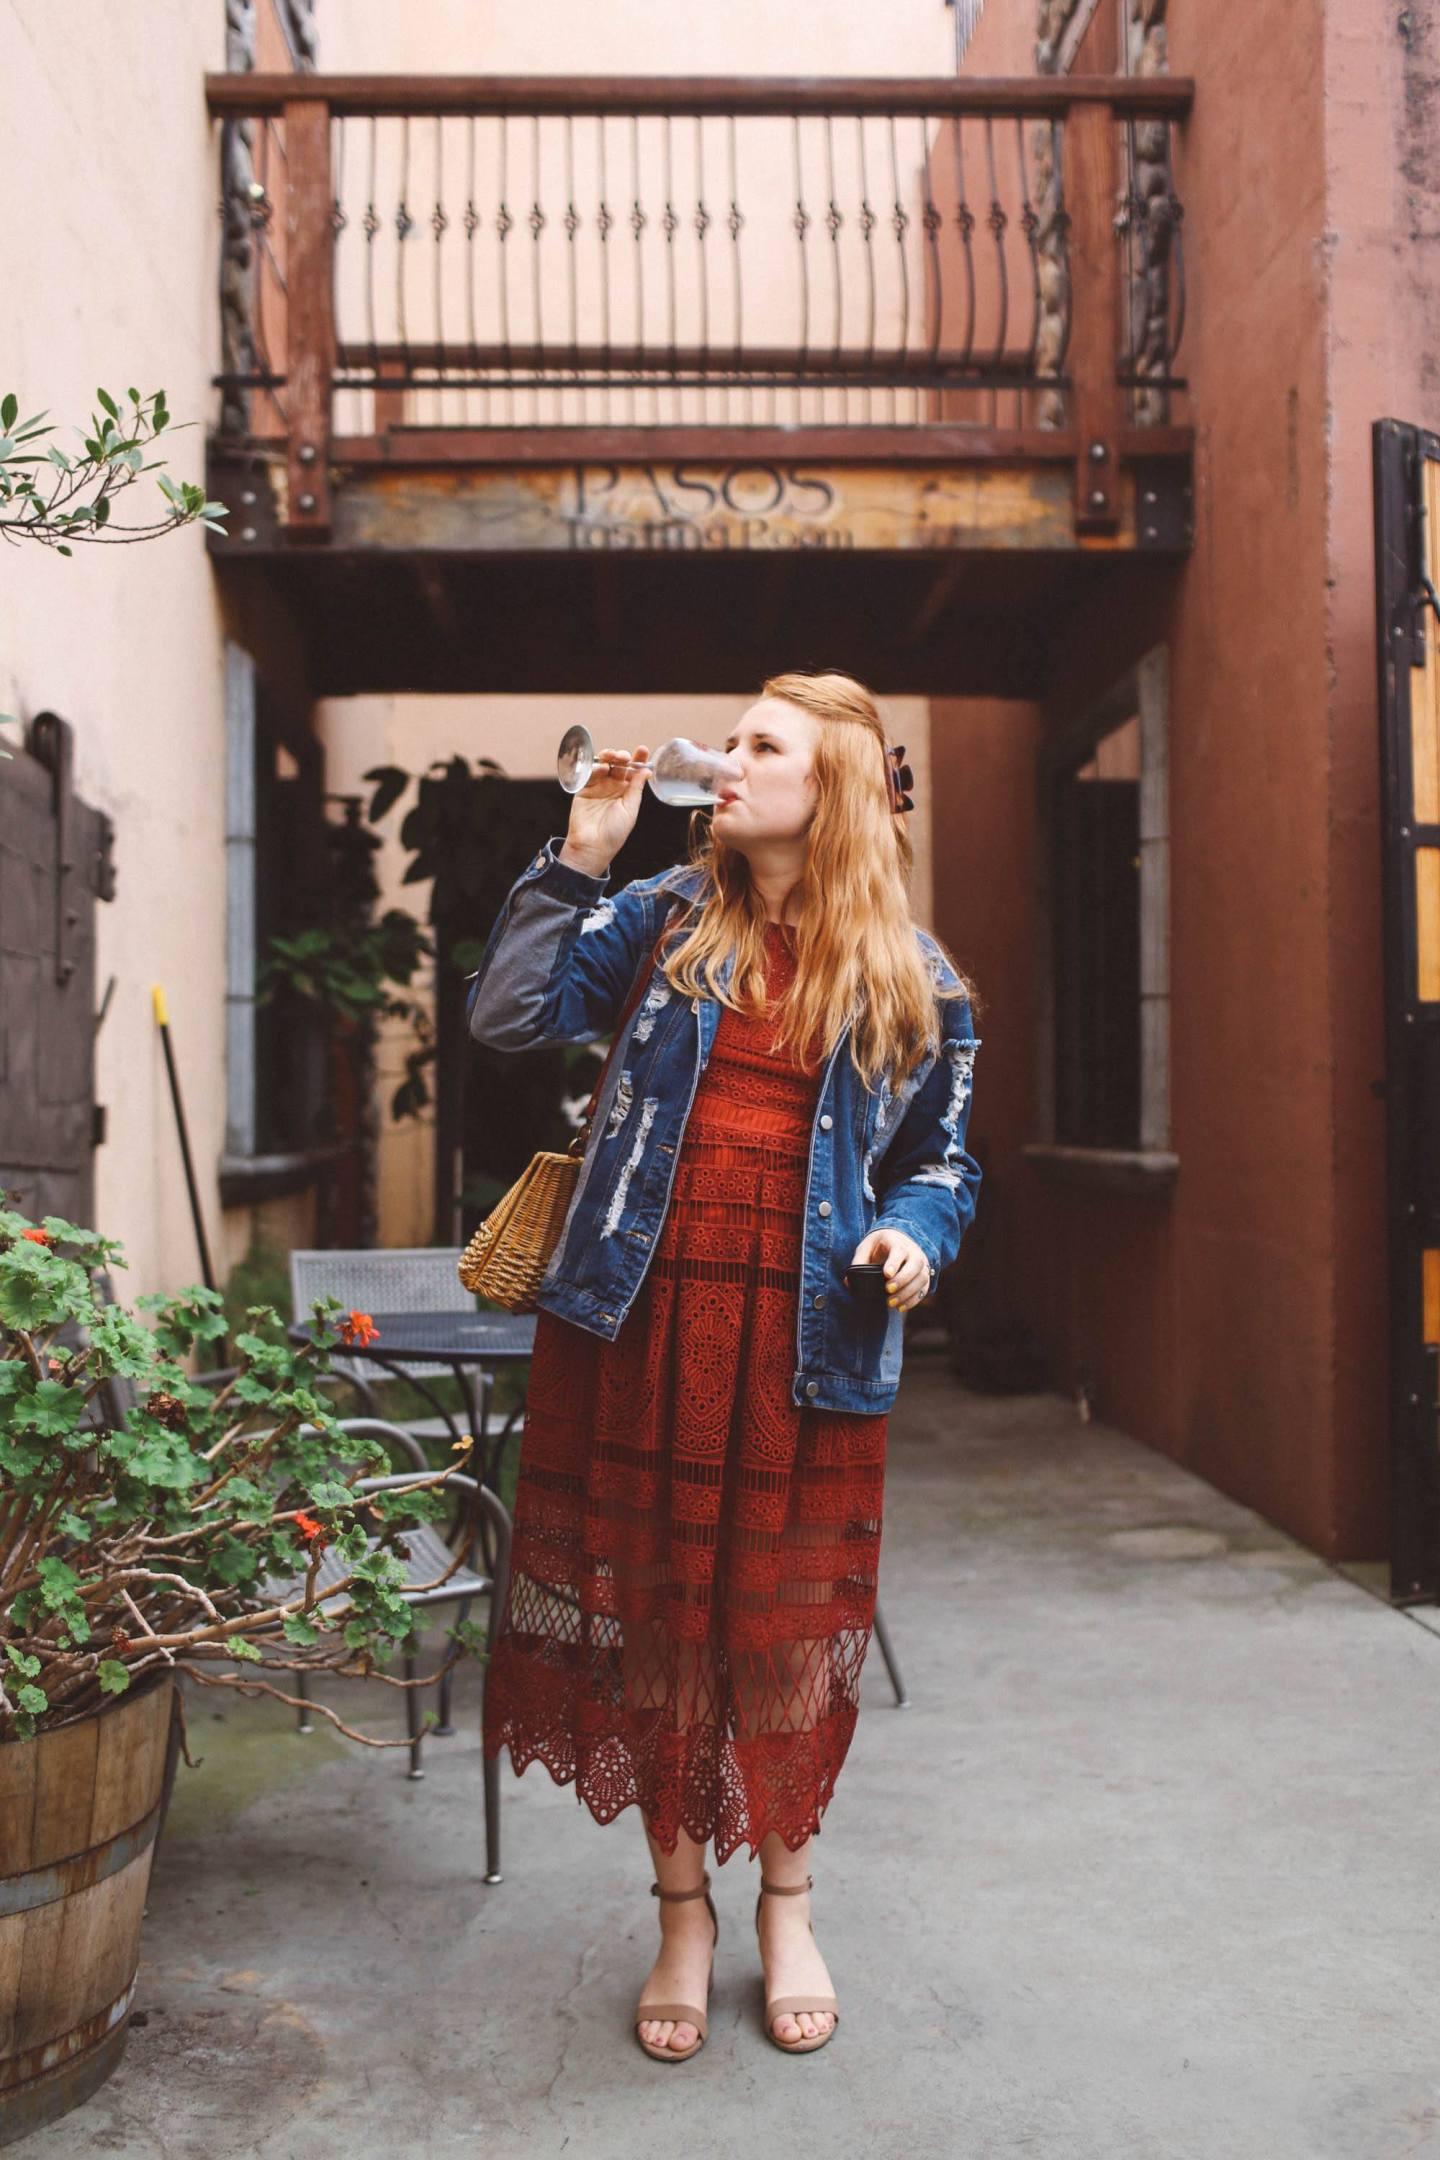 woman wine tasting red dress